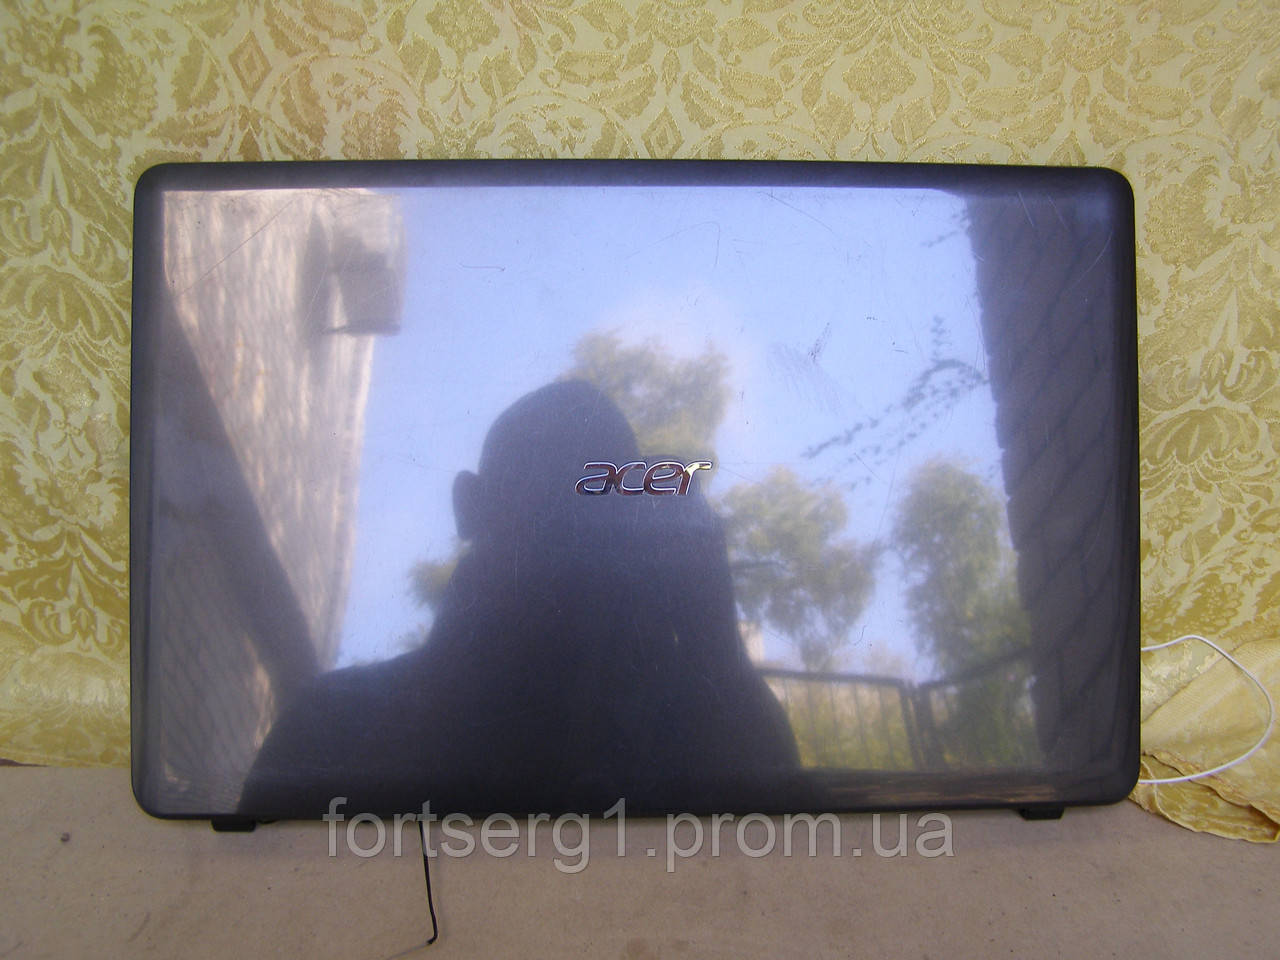 Крышка матрицы ноутбука acer aspire e1 q5wph